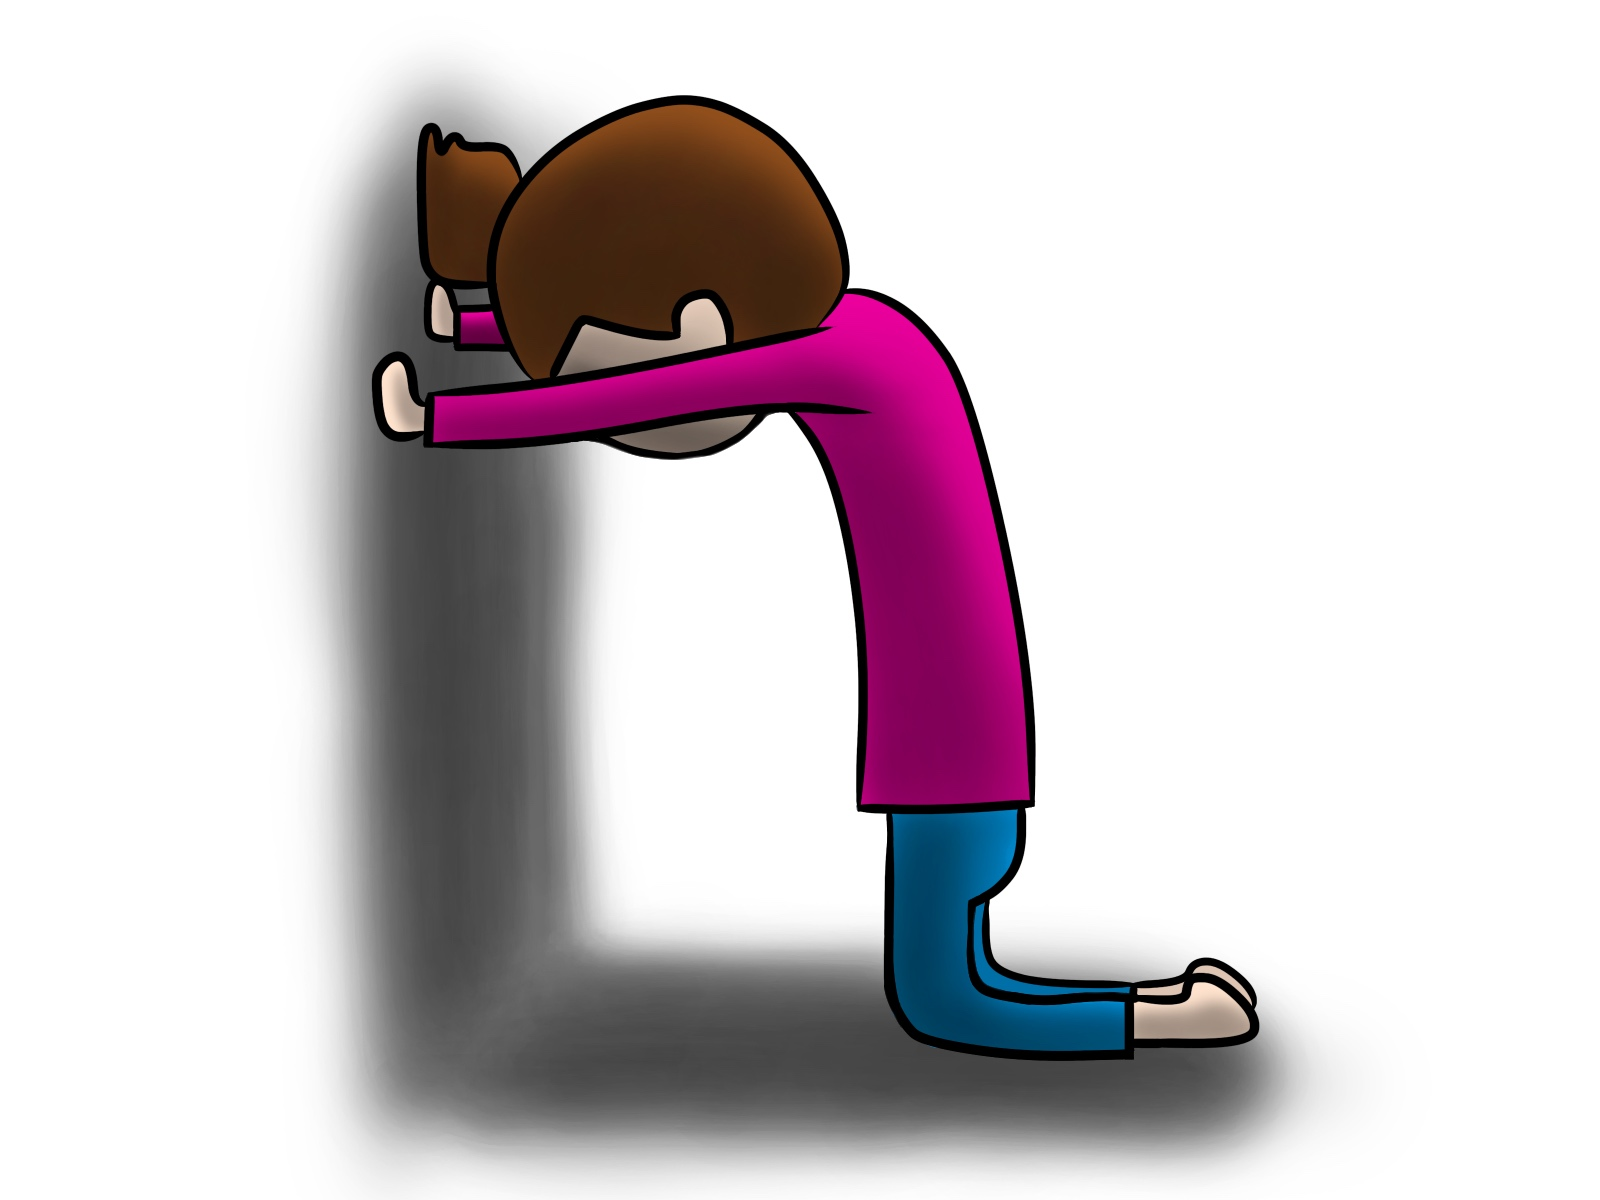 発達障害による二次障害から鬱と胃潰瘍に。原因は人間関係